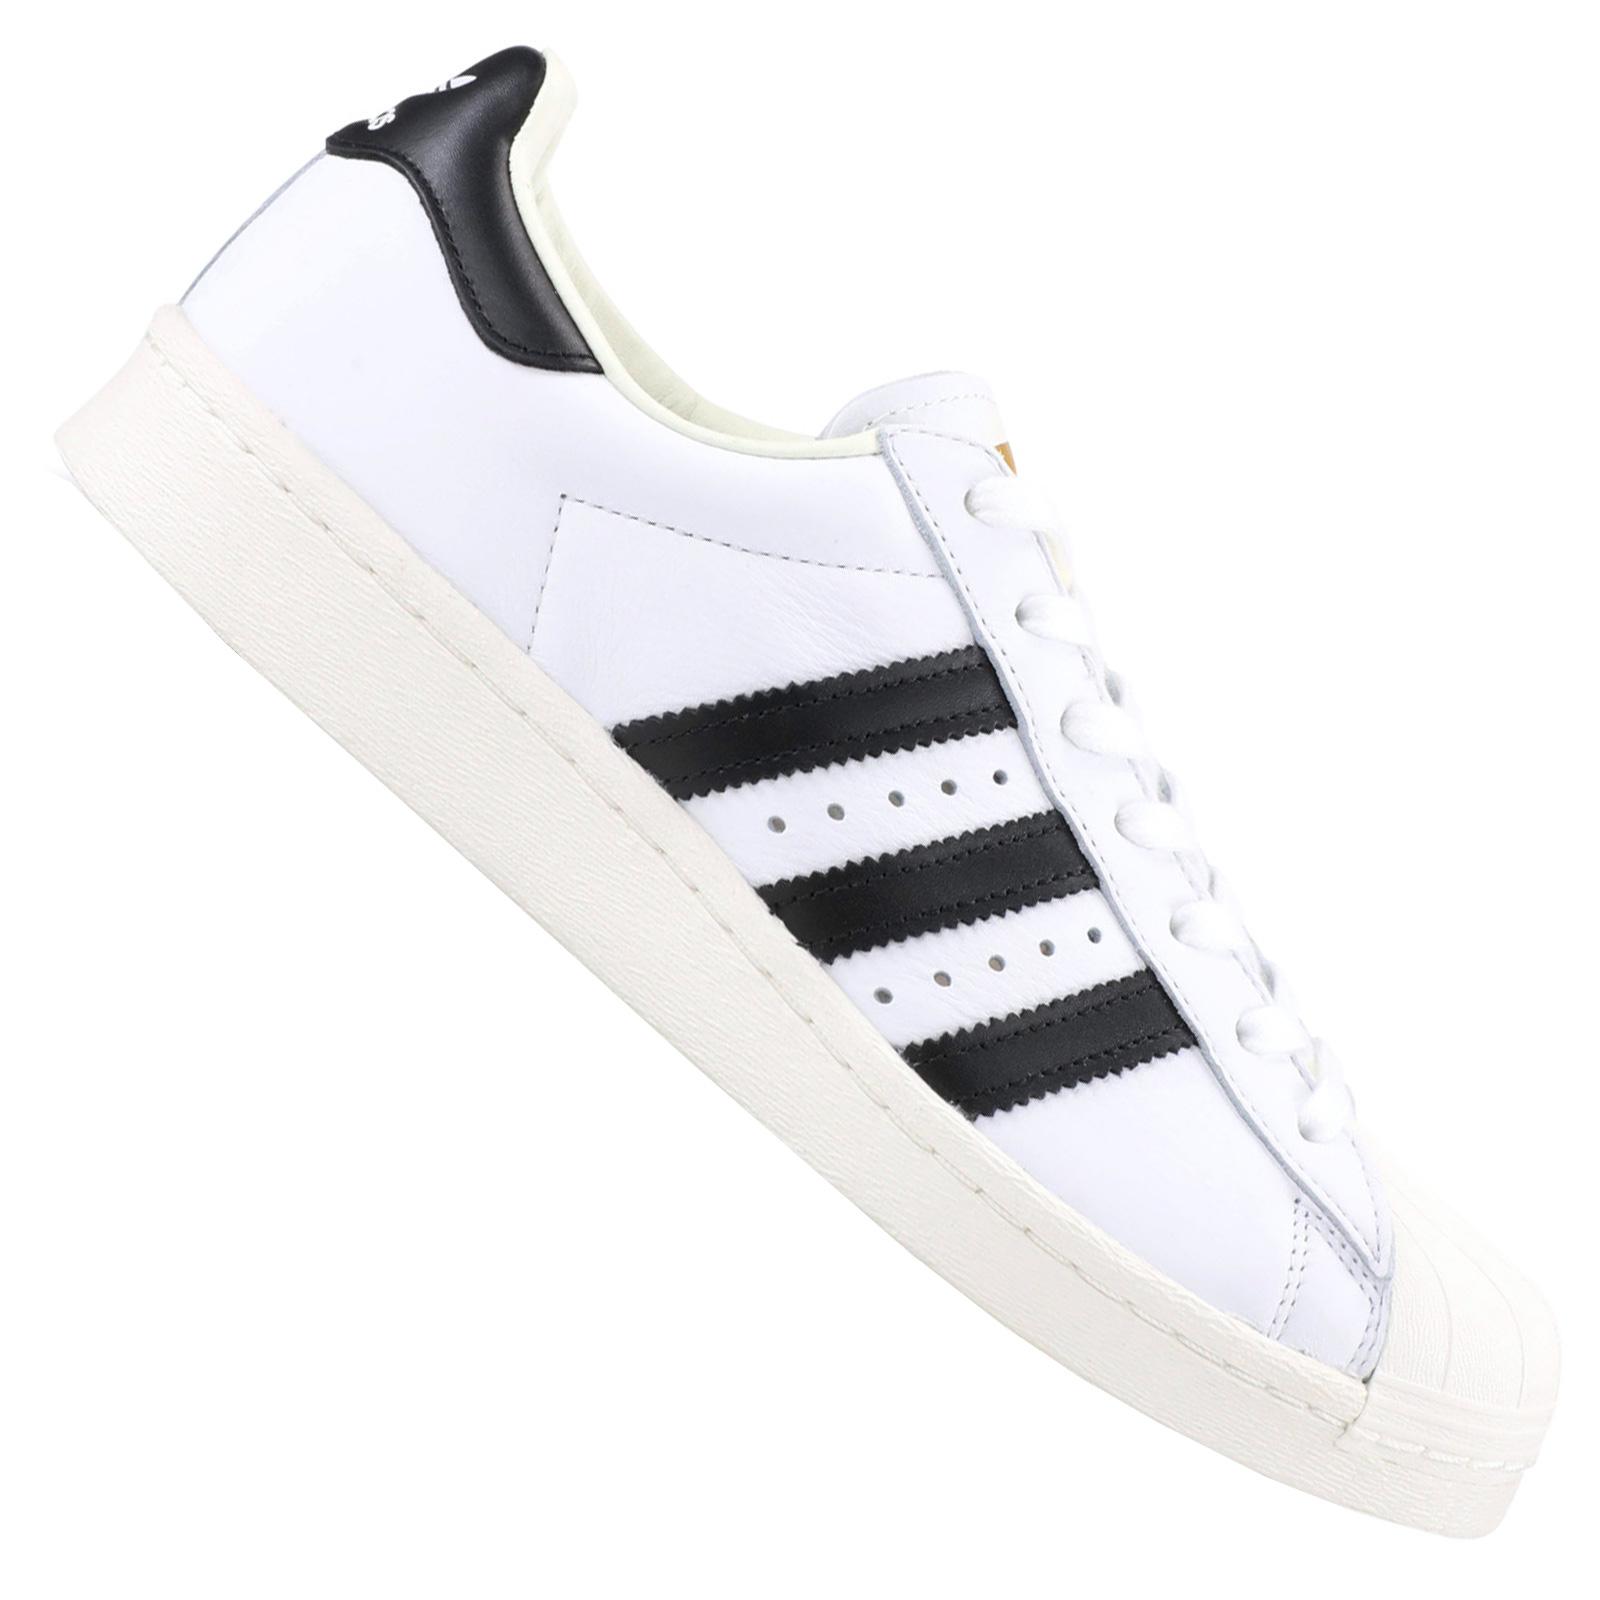 low priced 009e4 eab4d adidas Originals Superstar Boost Herren Leder Sneaker Turnschuhe Weiß  Schwarz